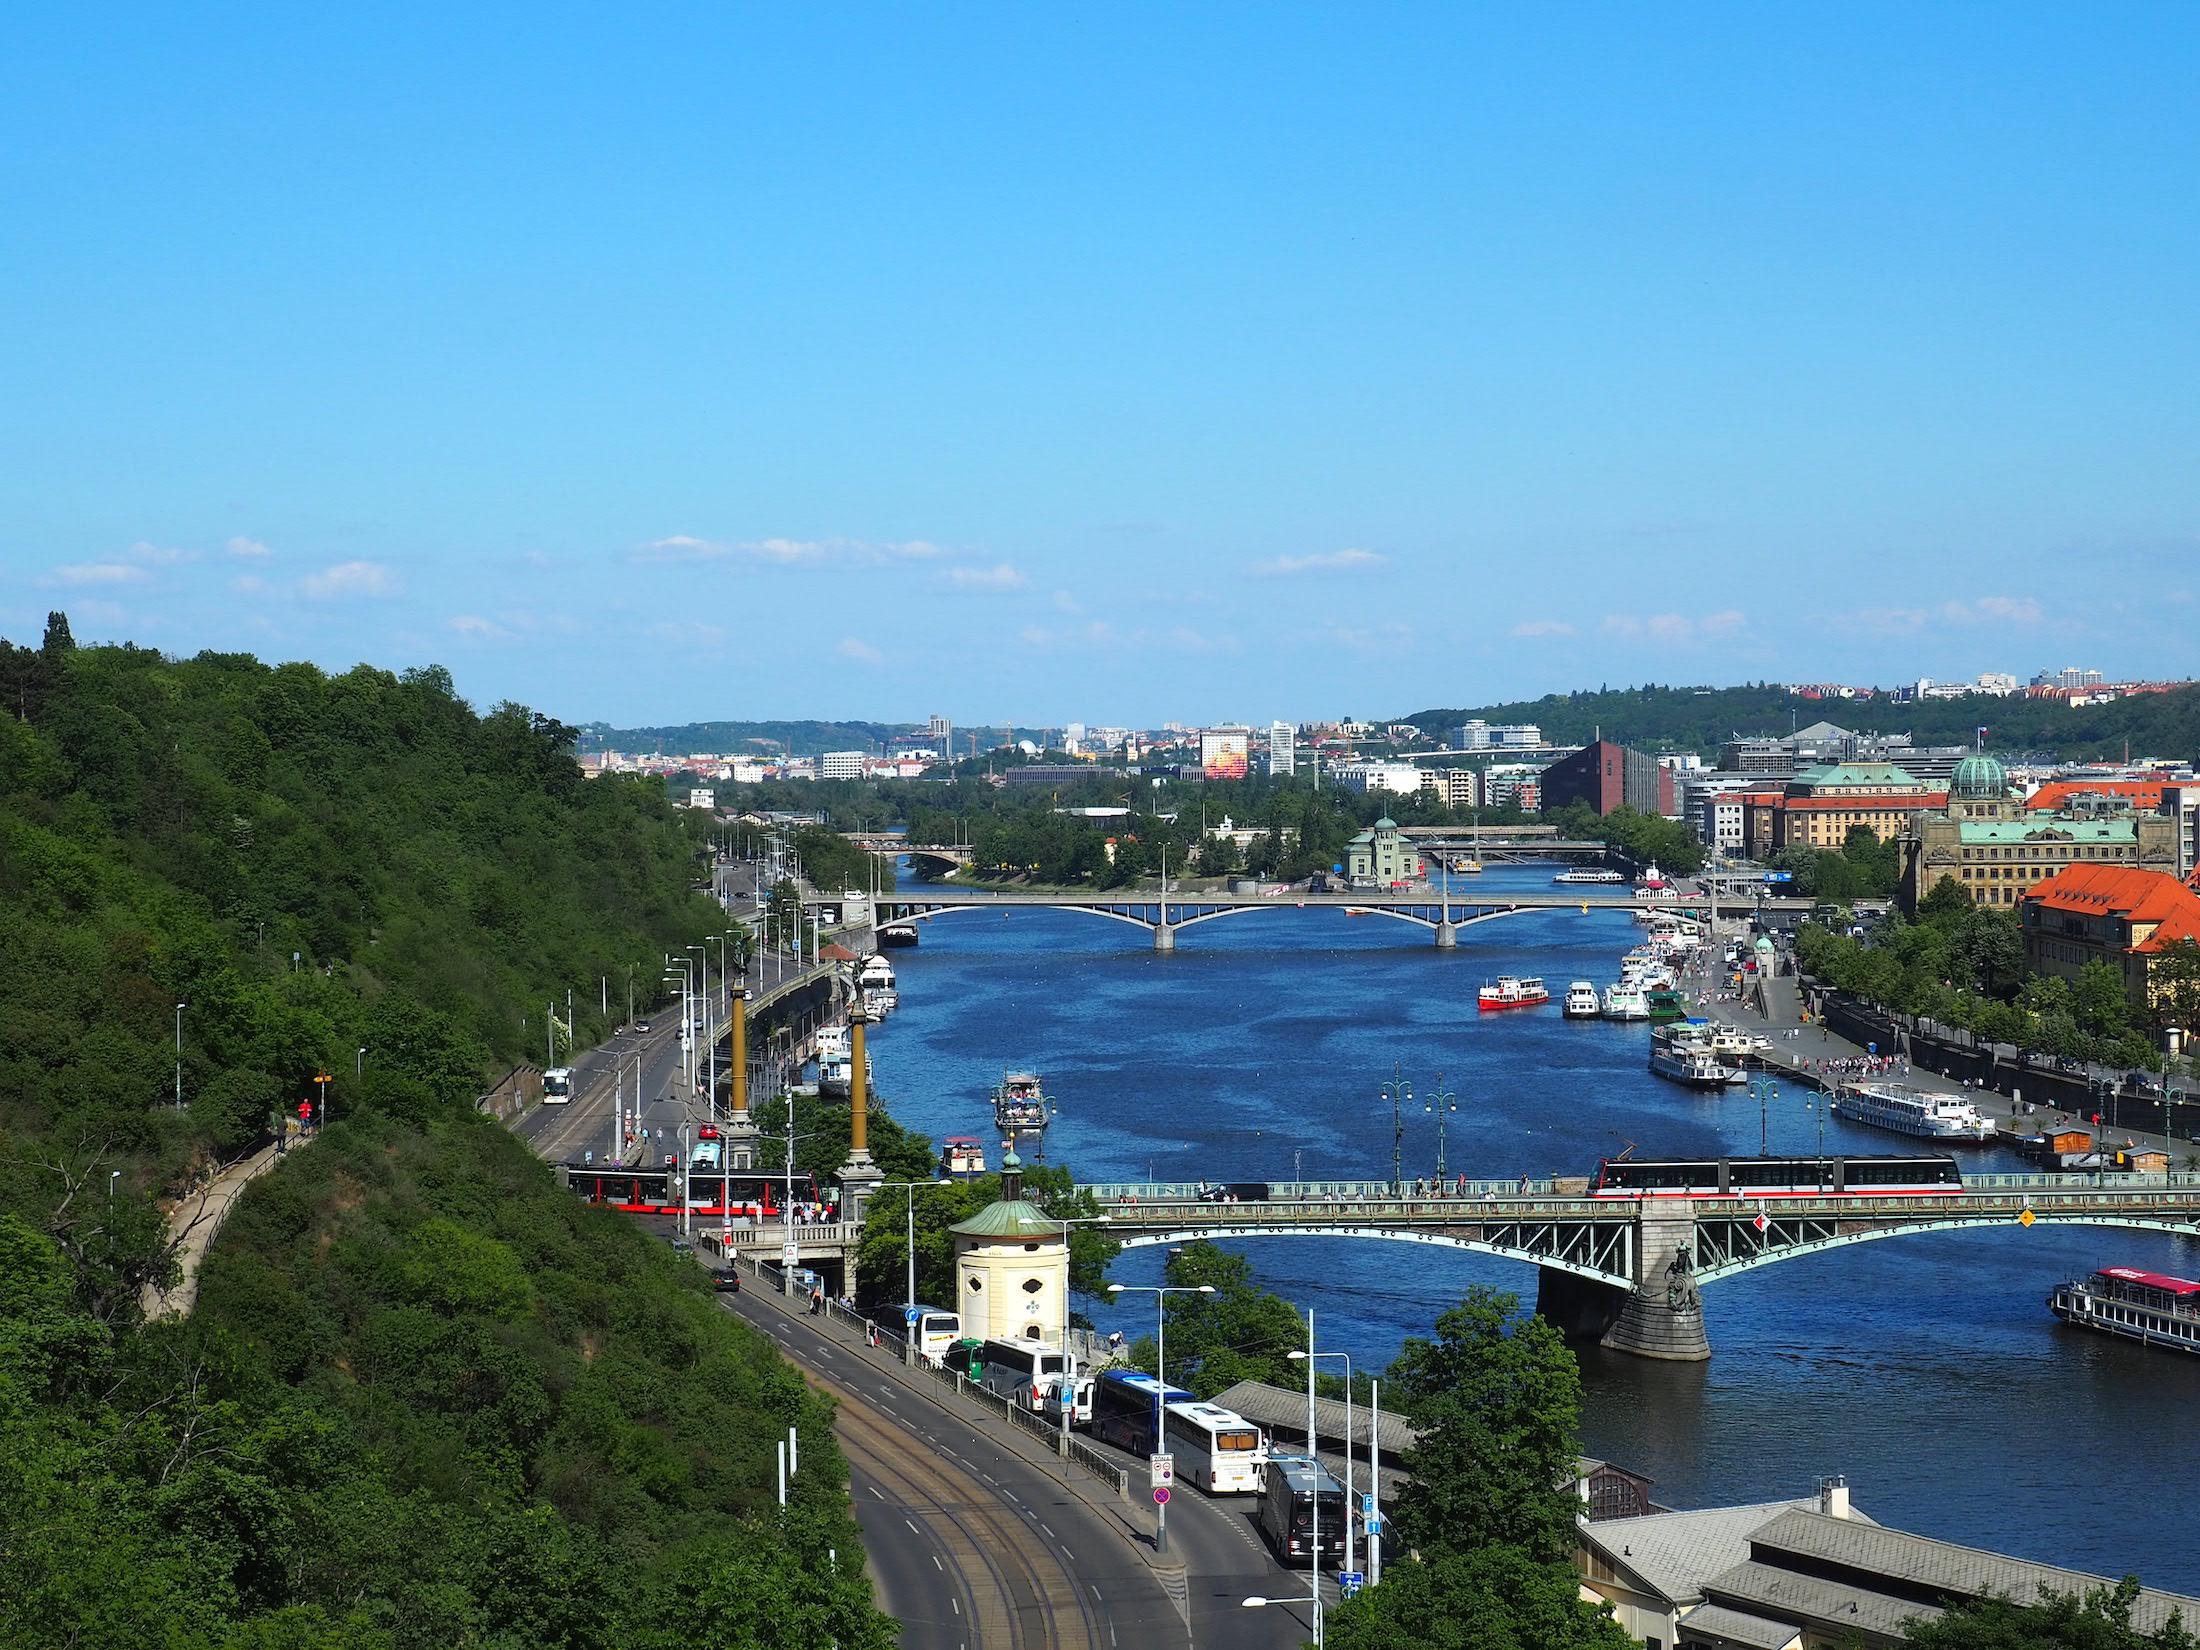 Vue sur la Vltava depuis le parc Letna à Prague